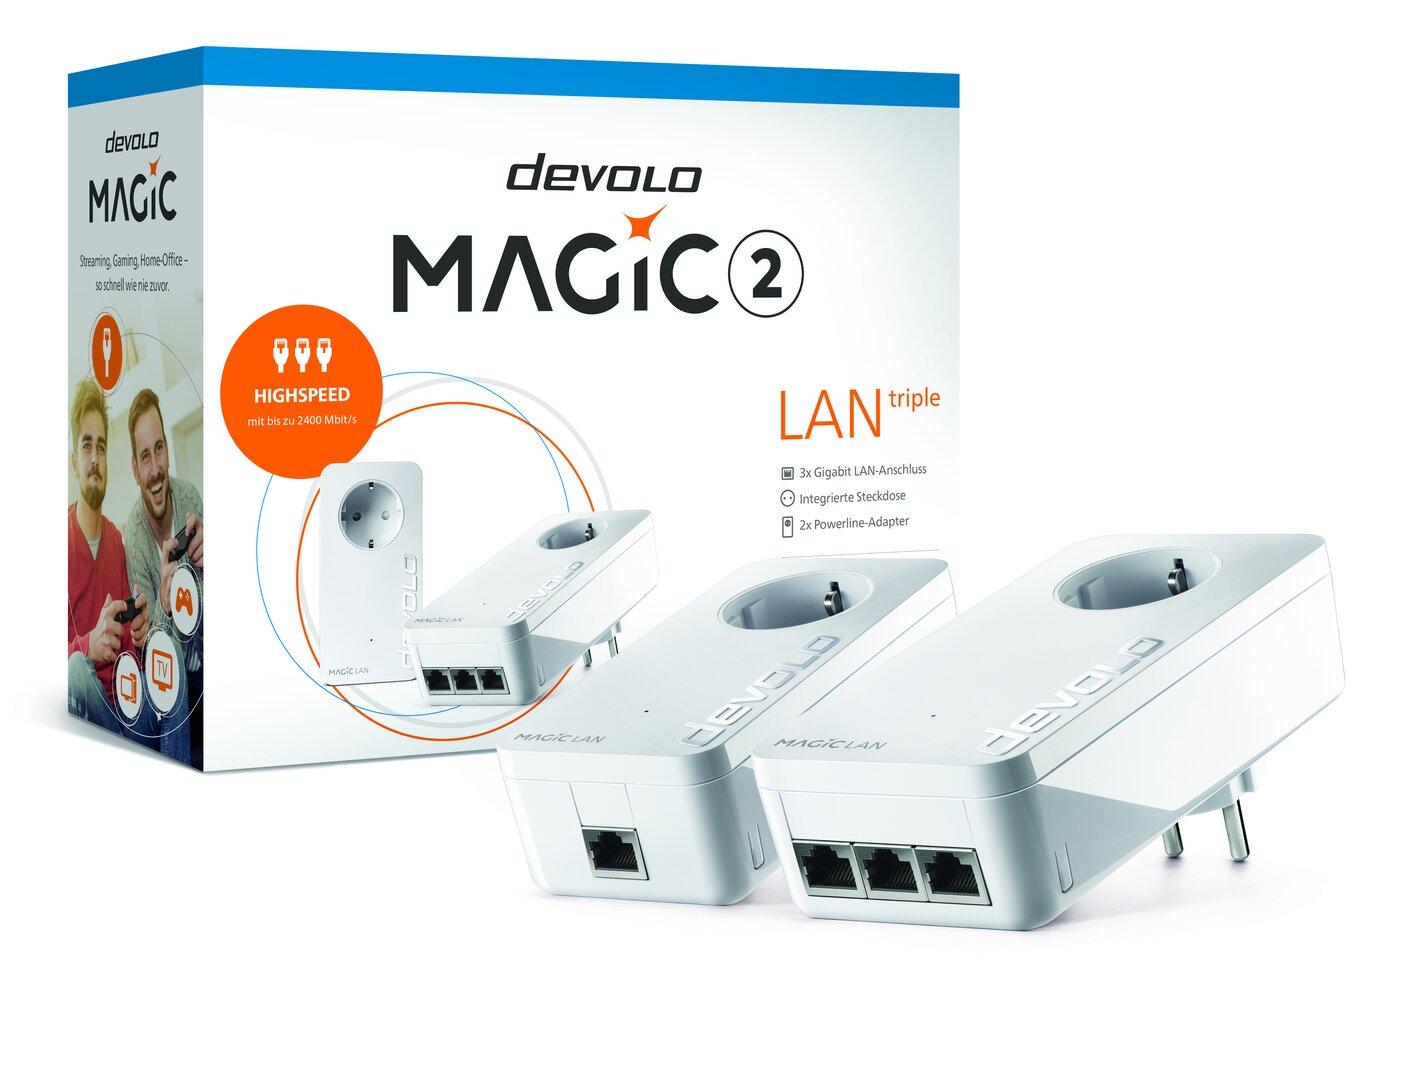 Devolo Magic 2 LAN triple Starter-Kit